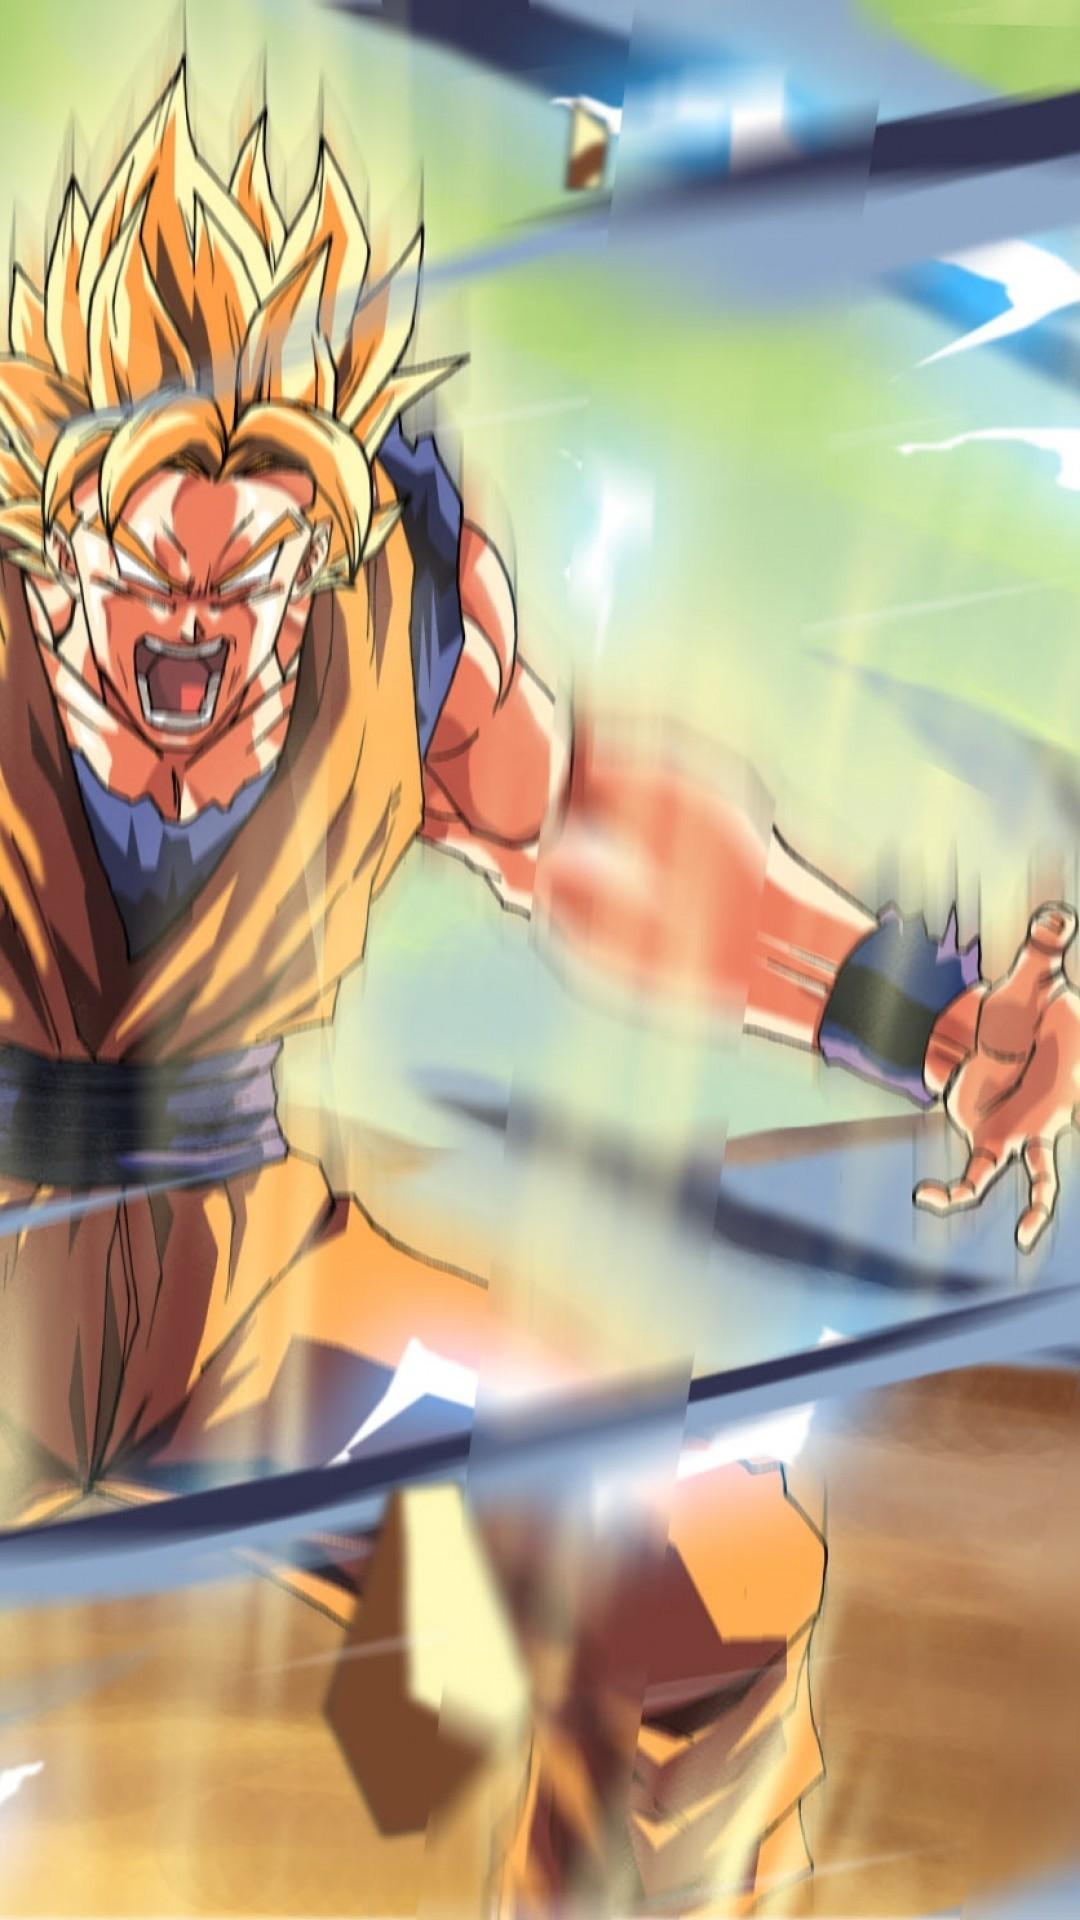 Res: 1080x1920, Son Goku, Dragon Ball